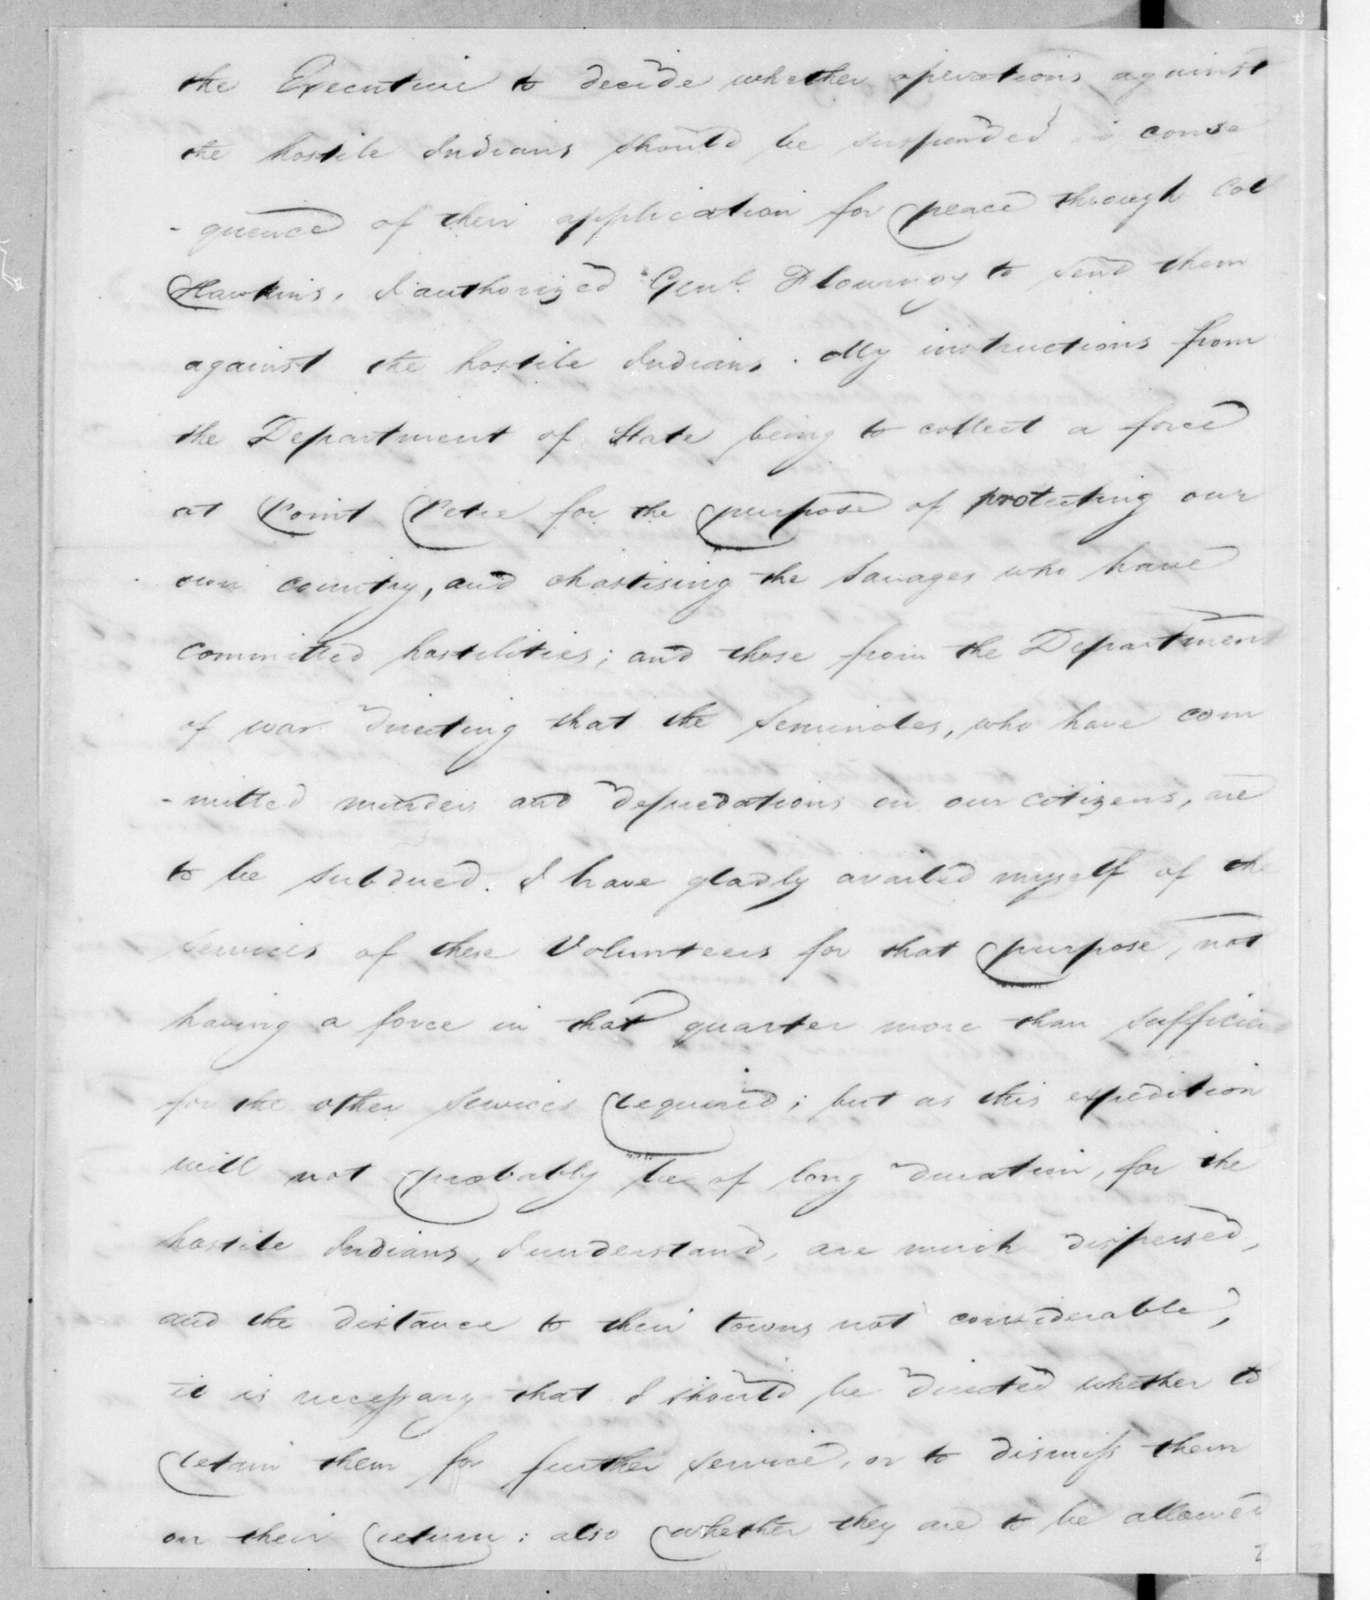 Thomas Pinckney to James Monroe, January 29, 1813